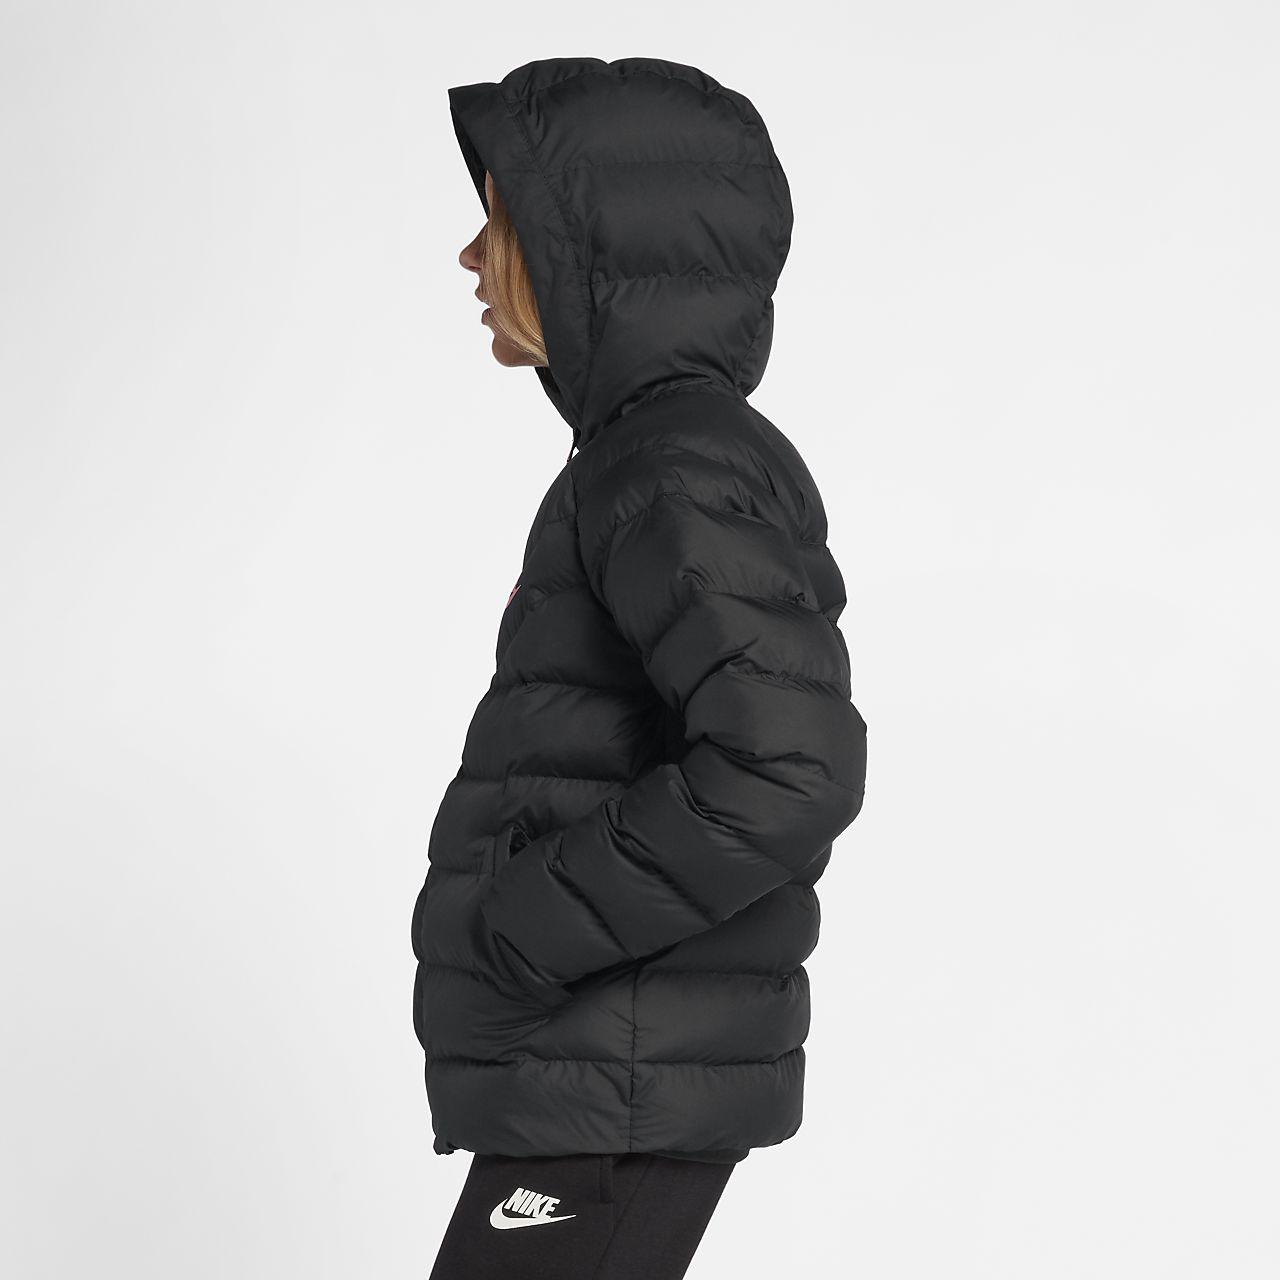 nike coat with hood